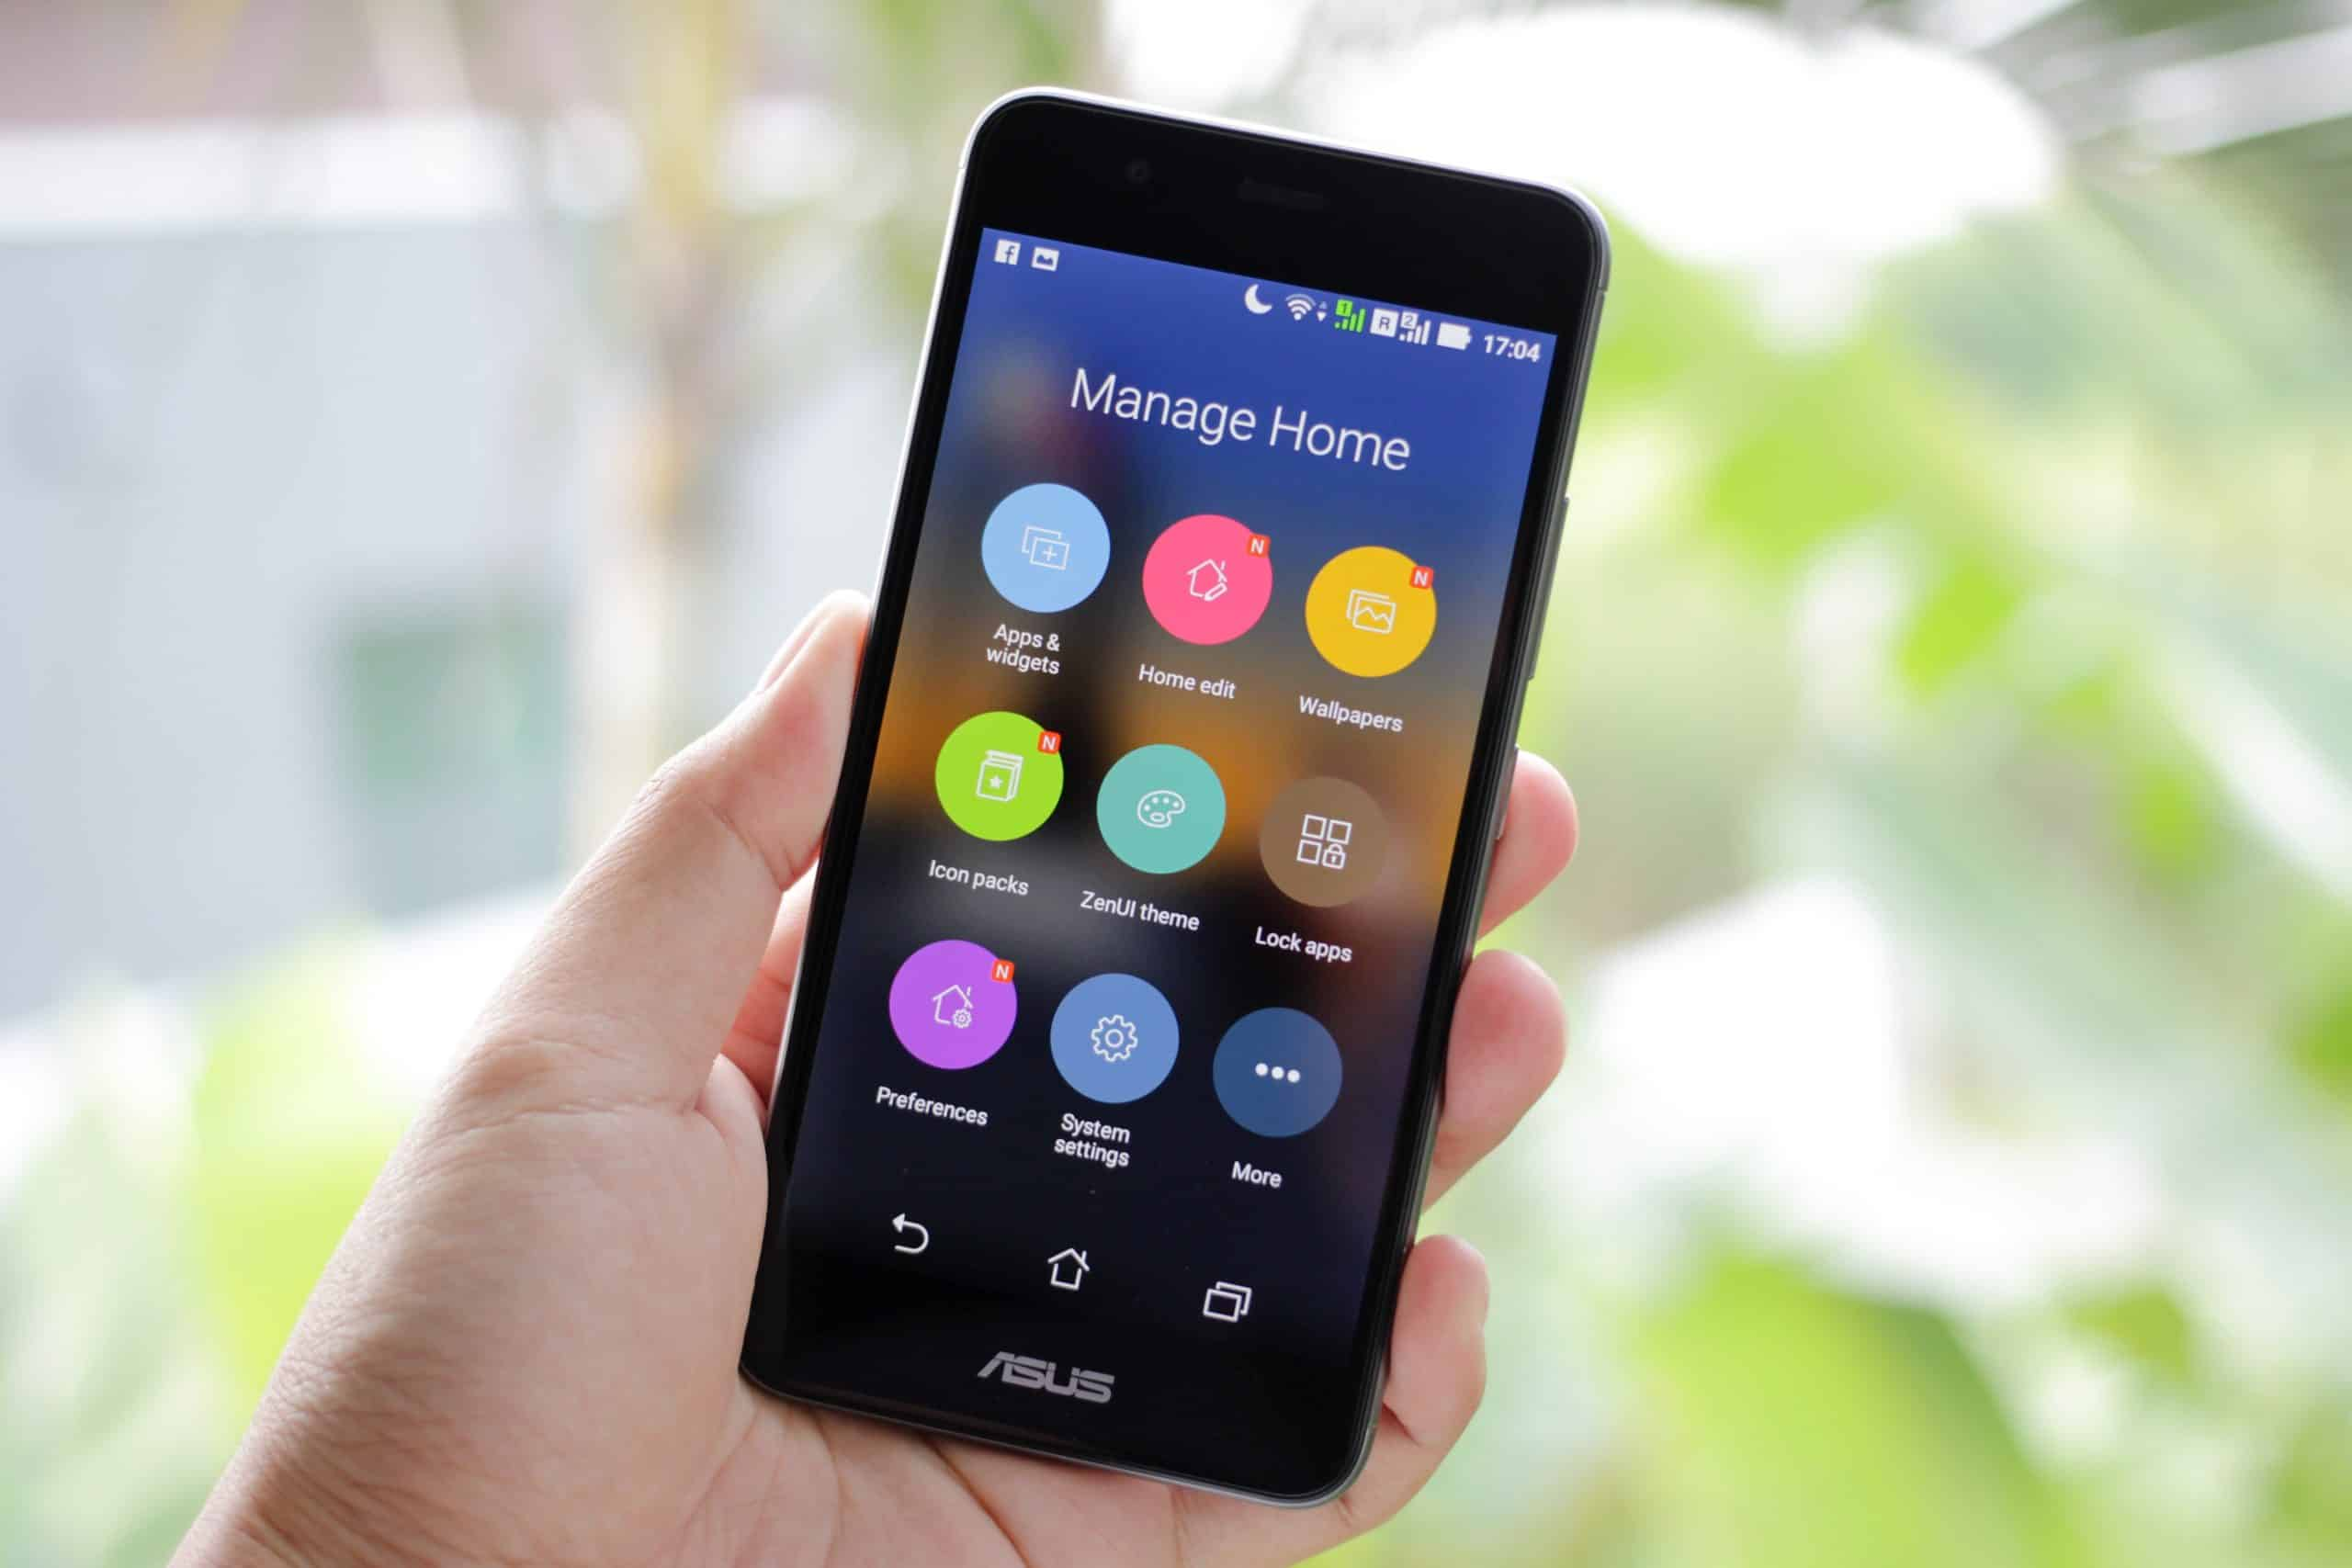 טלפון נייד מכשיר סלולארי